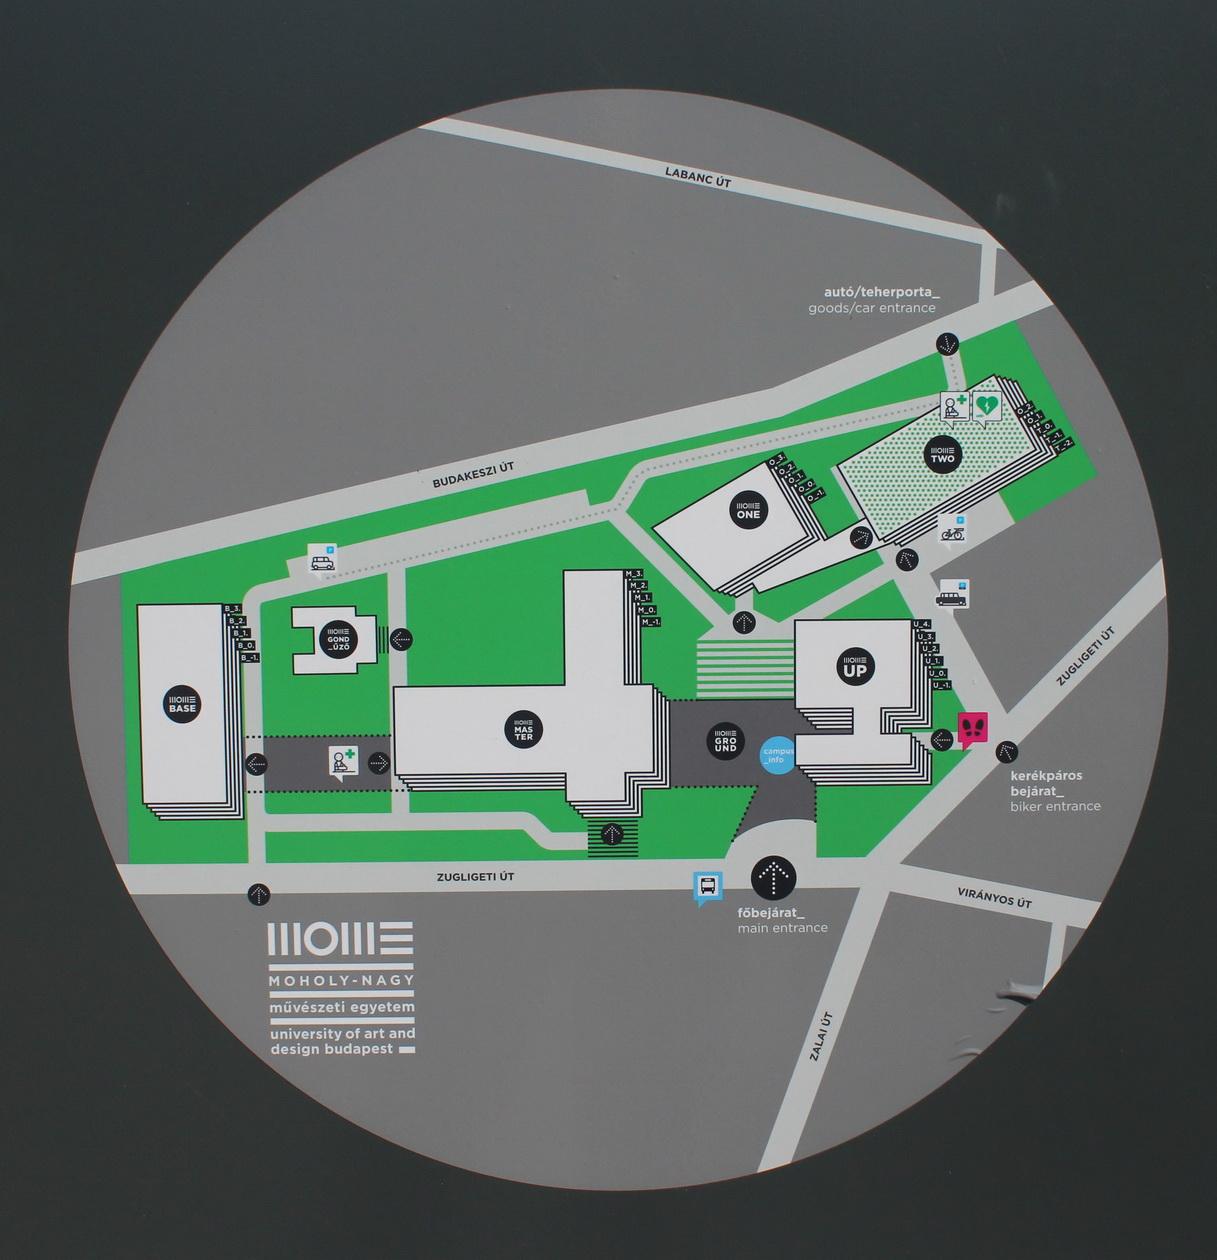 Térkép a campus épületeivel, 2020 (fotó: Papp Géza, Fővárosi Blog)